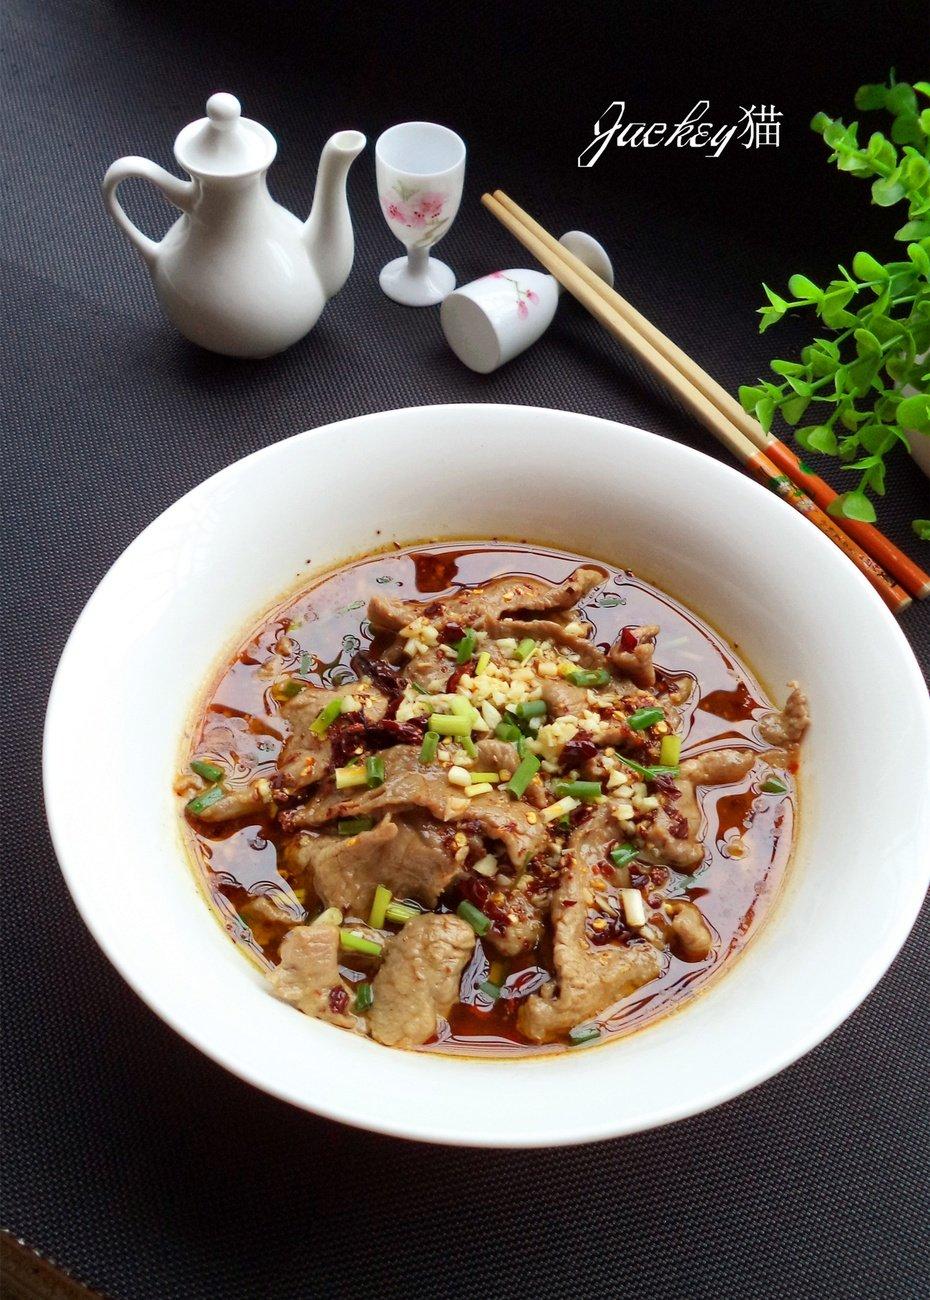 水煮牛肉:麻辣鲜香的家常味道